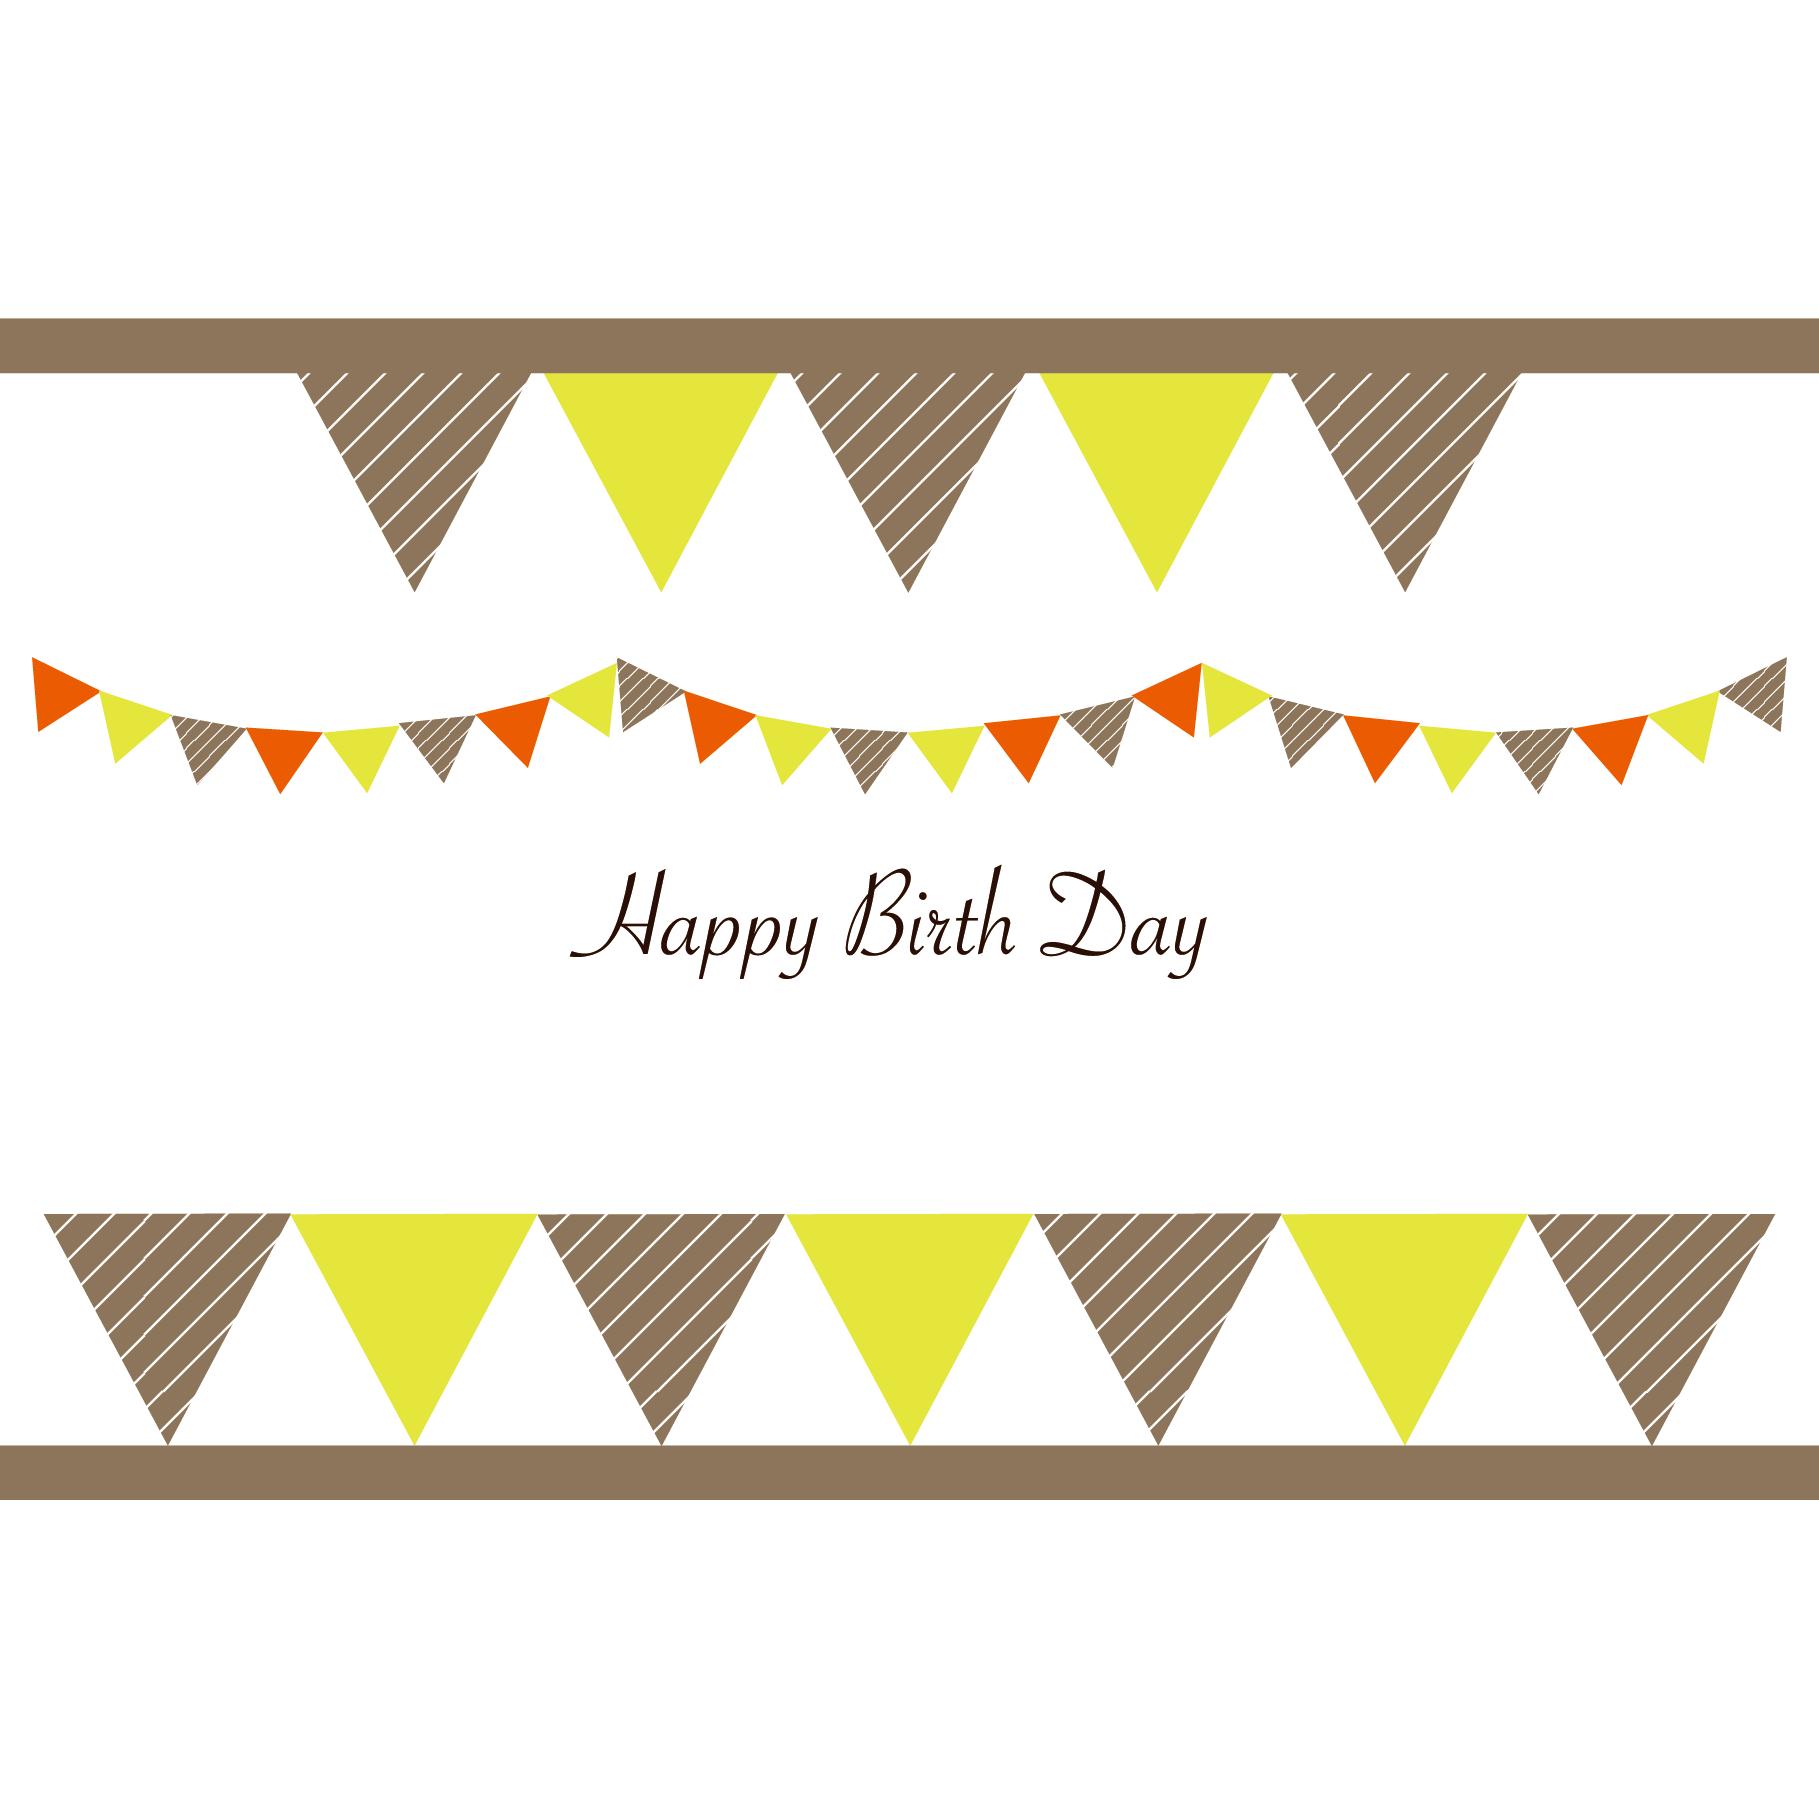 バースデーカード(誕生日)♪お洒落なガーランド 無料 イラスト